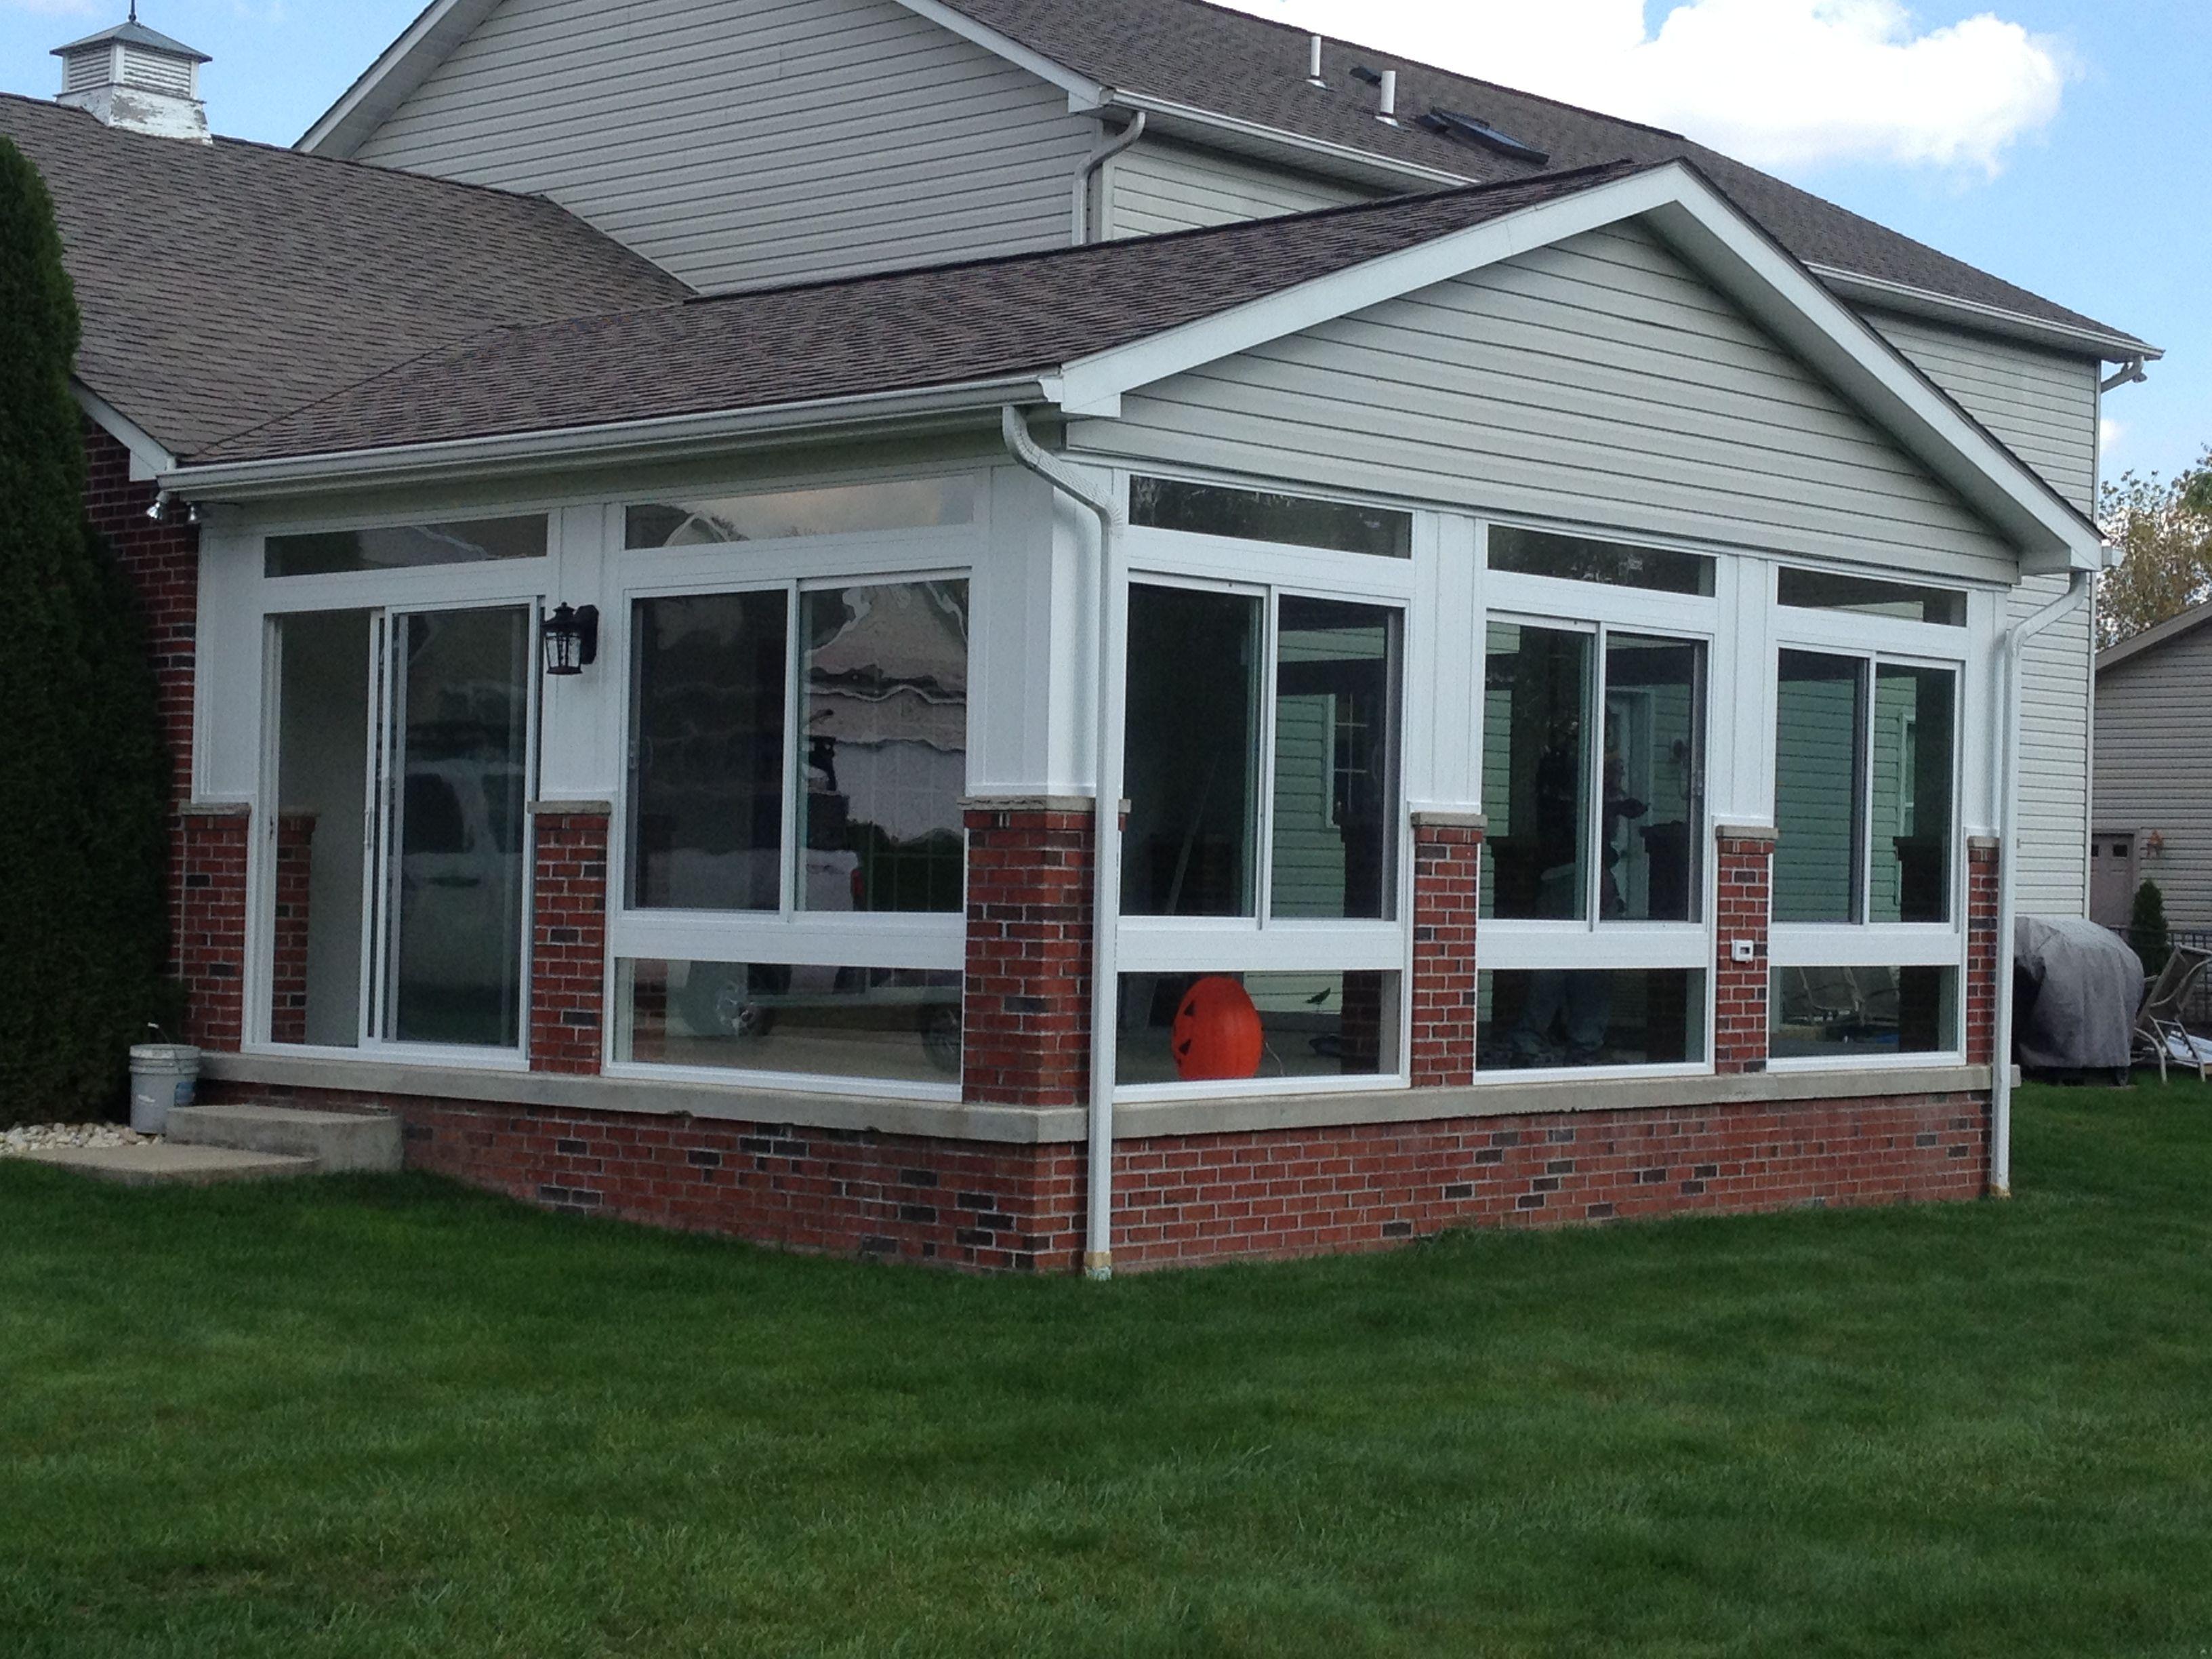 19 Decorative All Season Porch Home Plans Amp Blueprints